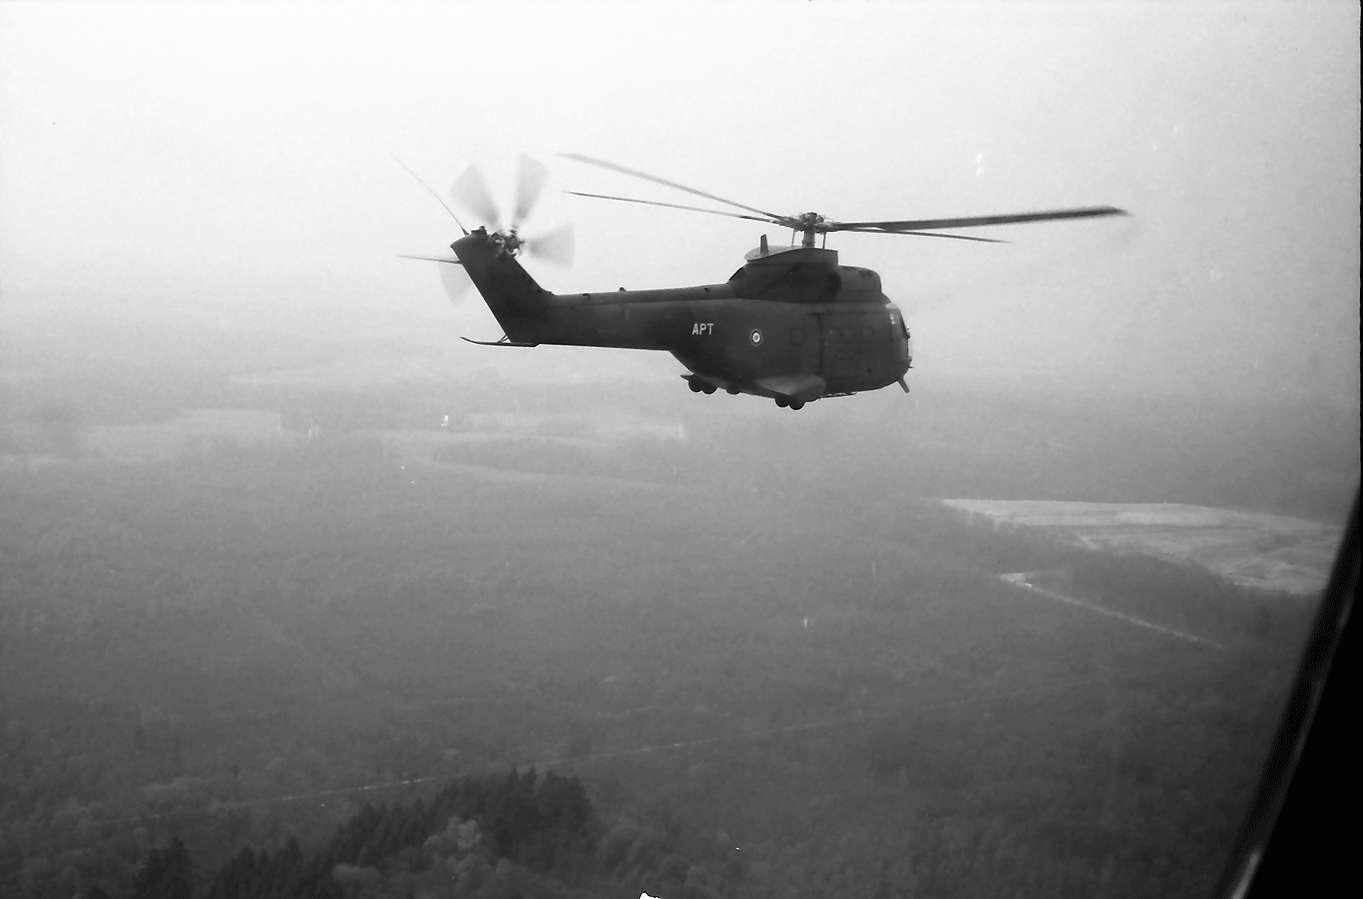 Ebringen: Schönberg; vom Hubschrauber, in der Luft, Bild 1